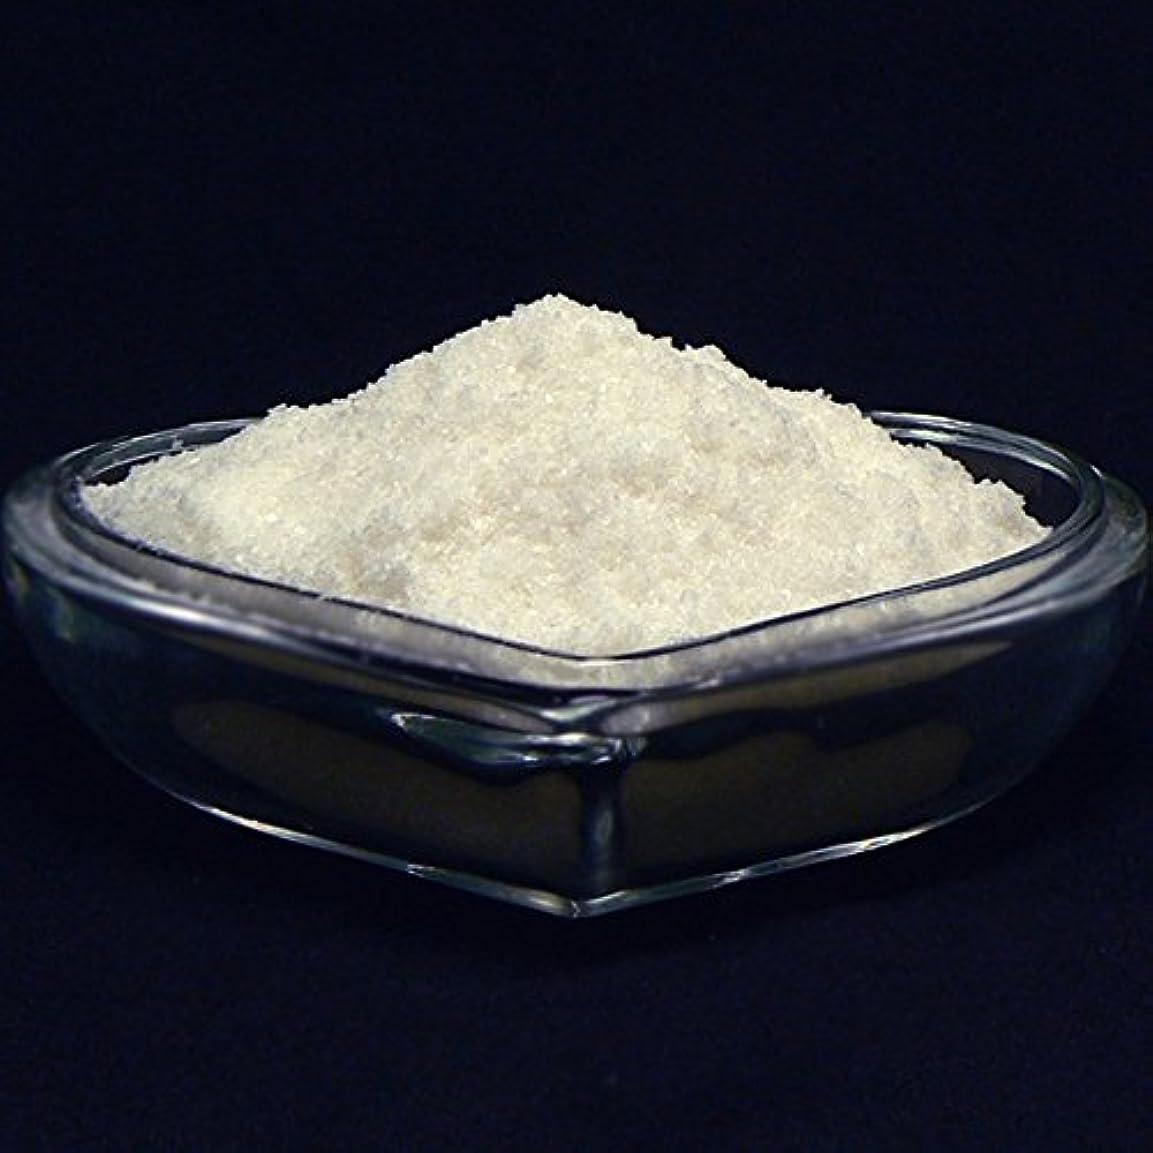 カップルシュートグレートオークヒマラヤ岩塩 クリスタルソルト 入浴用 バスソルト(パウダー)白岩塩 (1kg+250g増量)